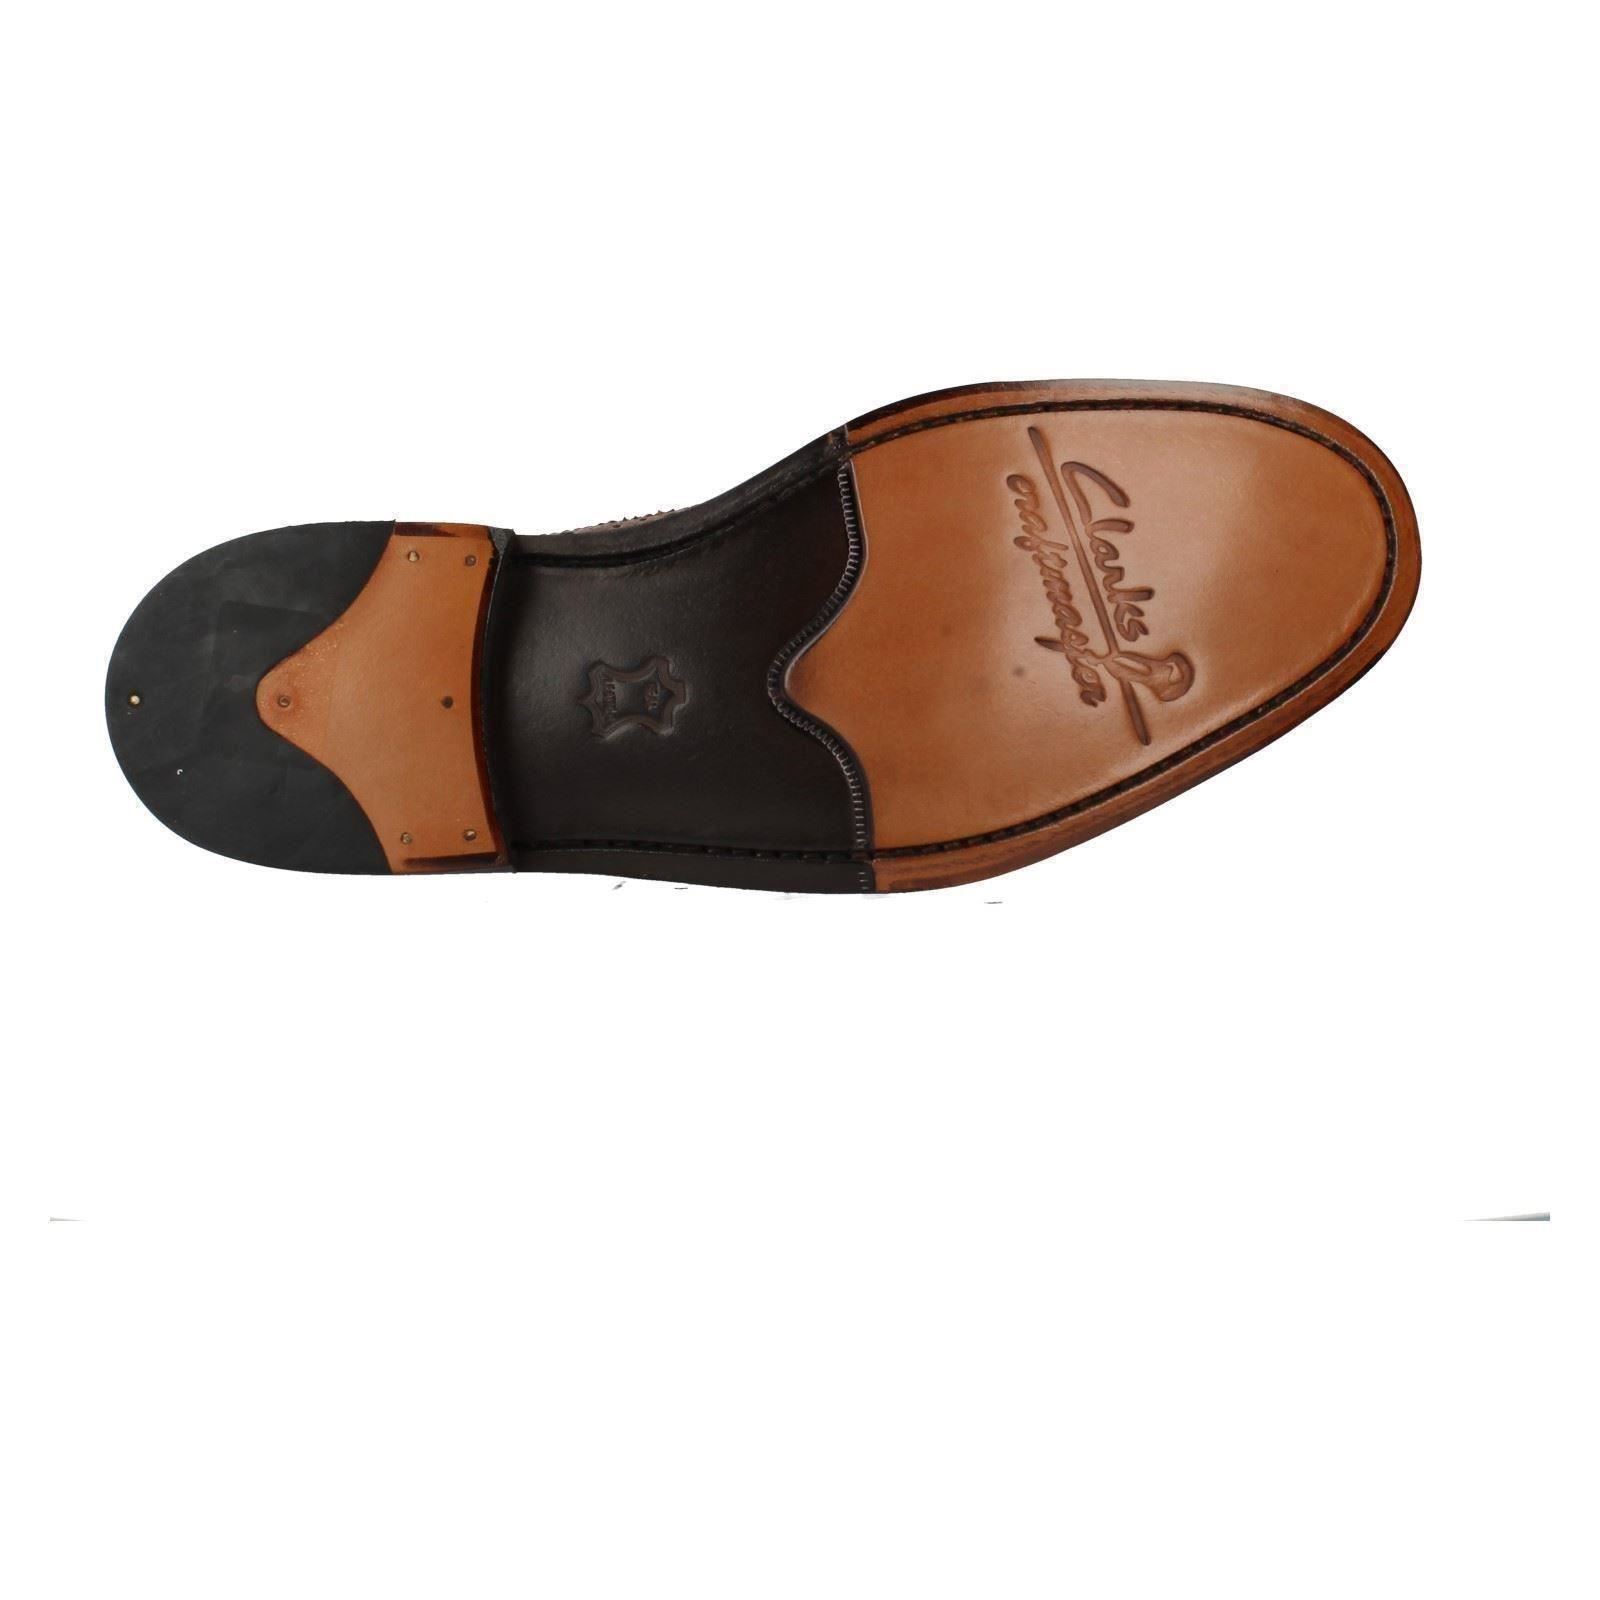 Men's Clarks Leder Stiefel Label Edward Lord